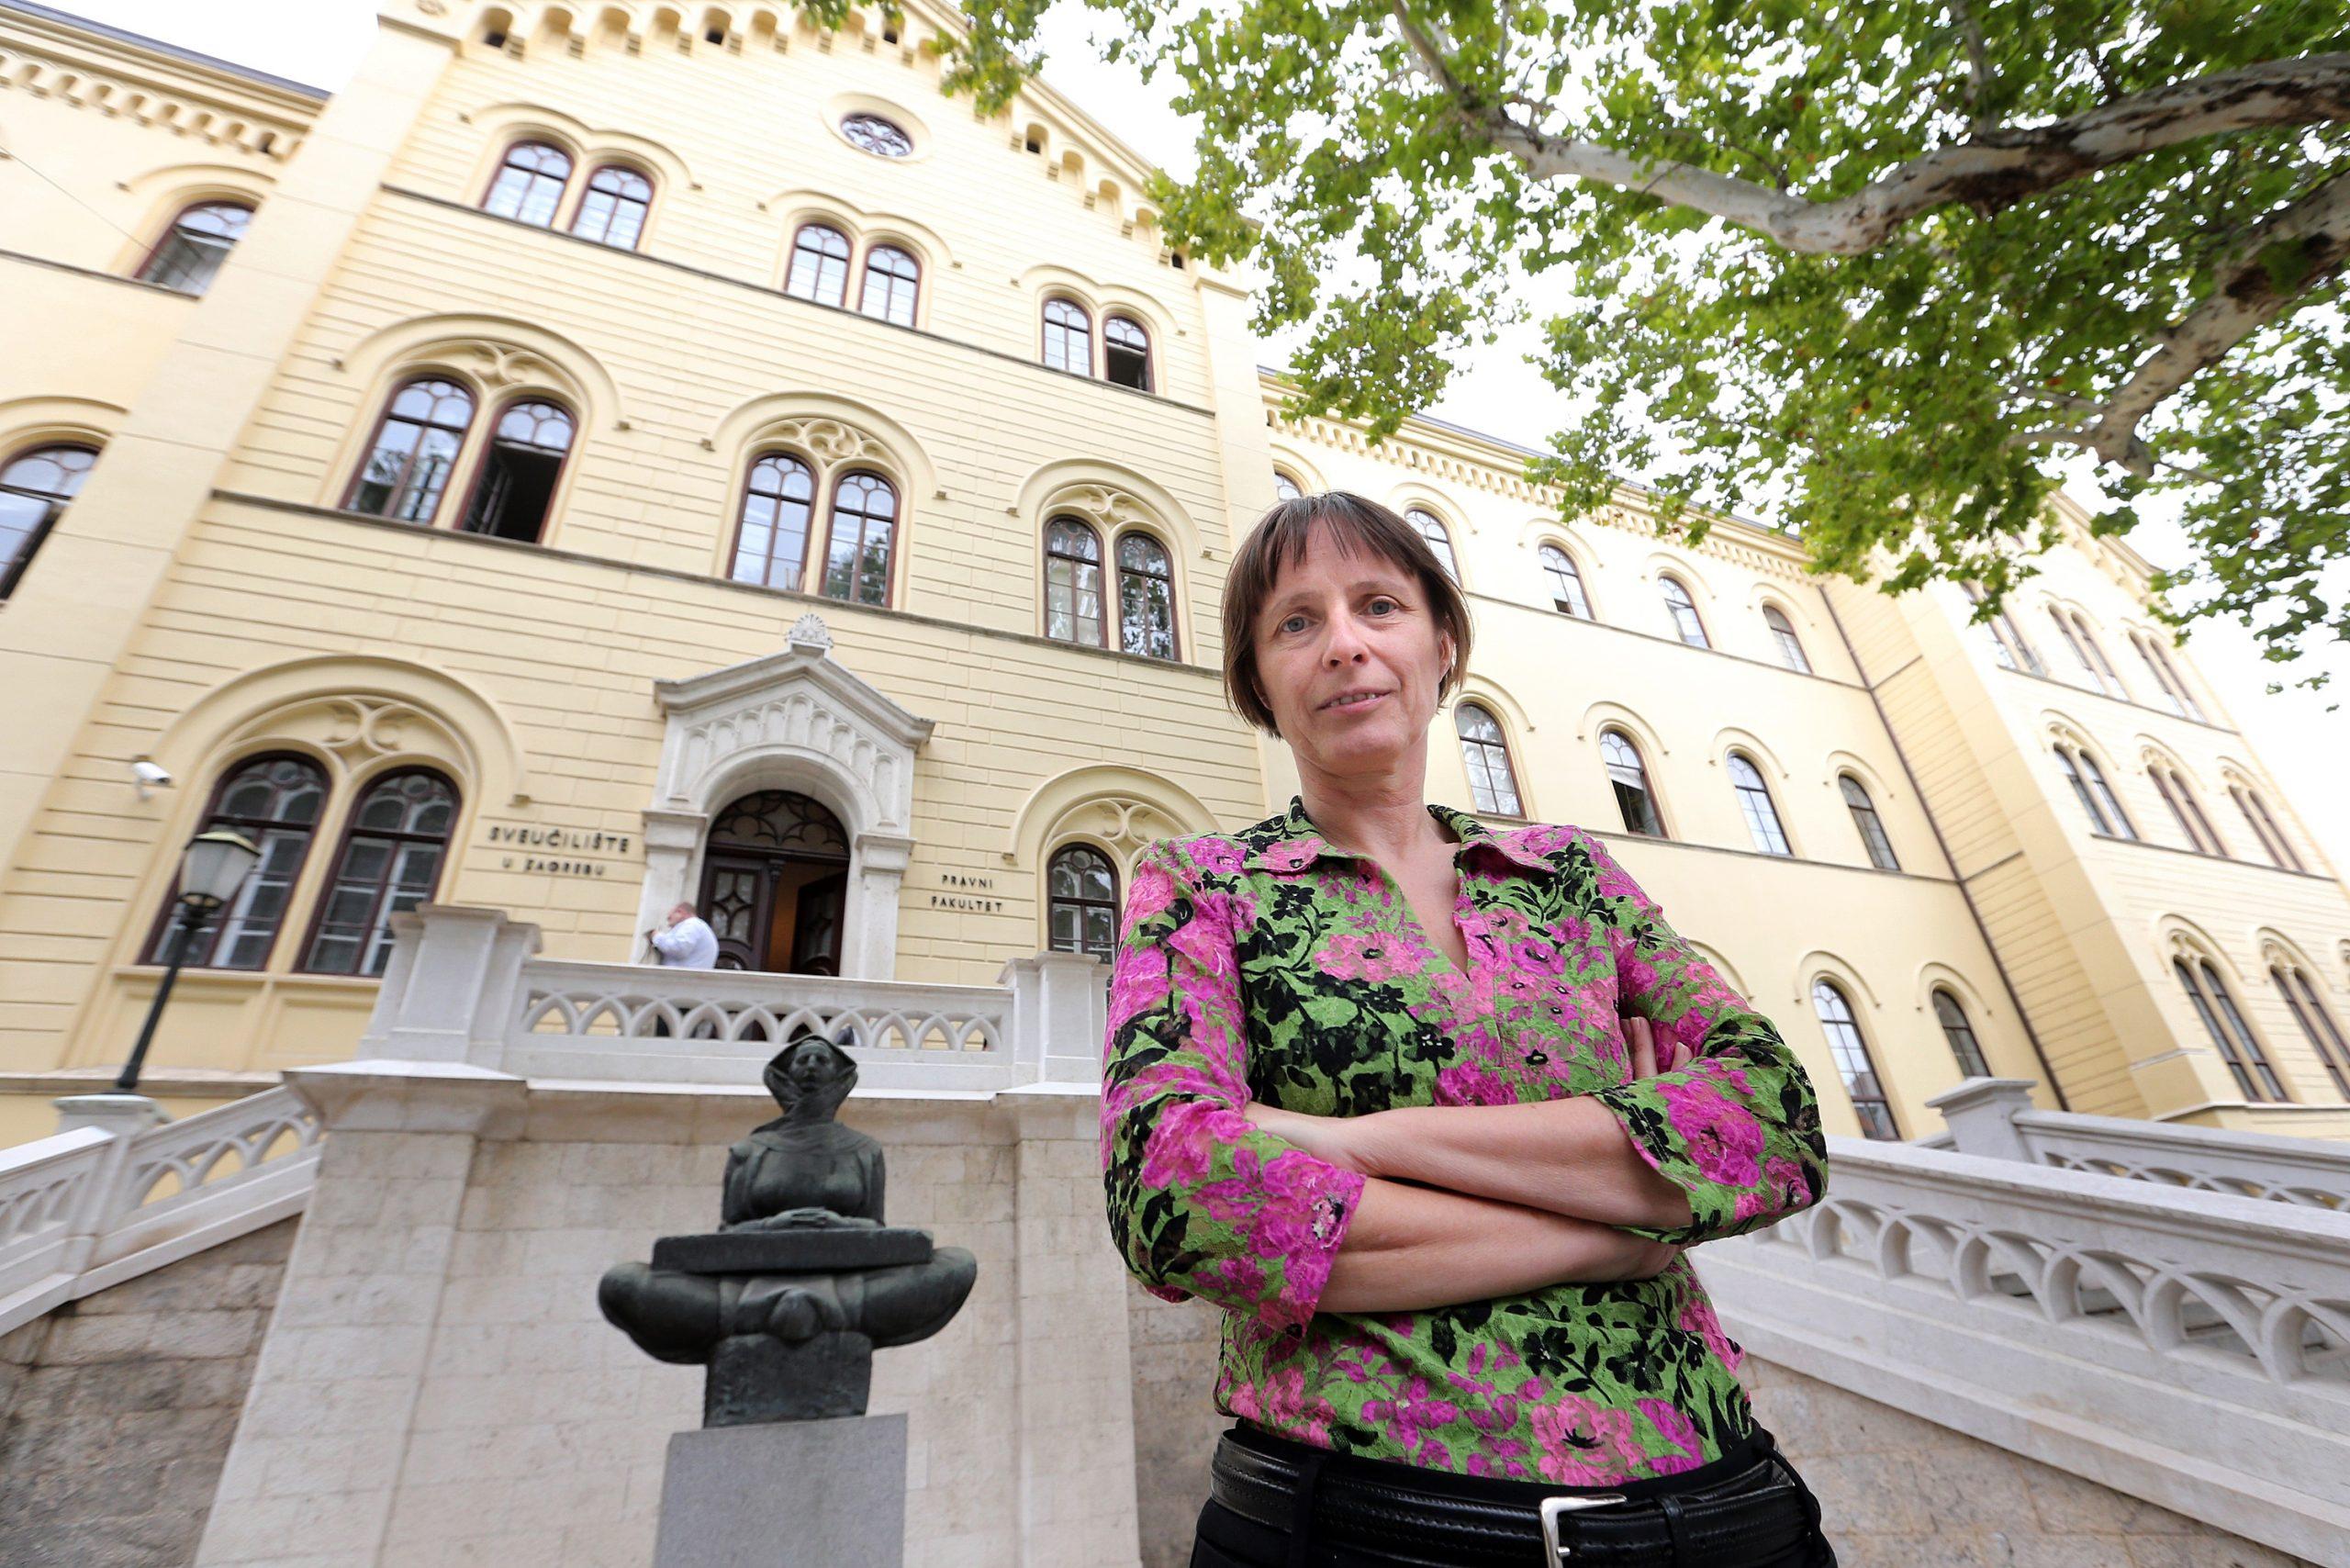 Ksenija Turković / Foto Robert Anic/PIXSELL